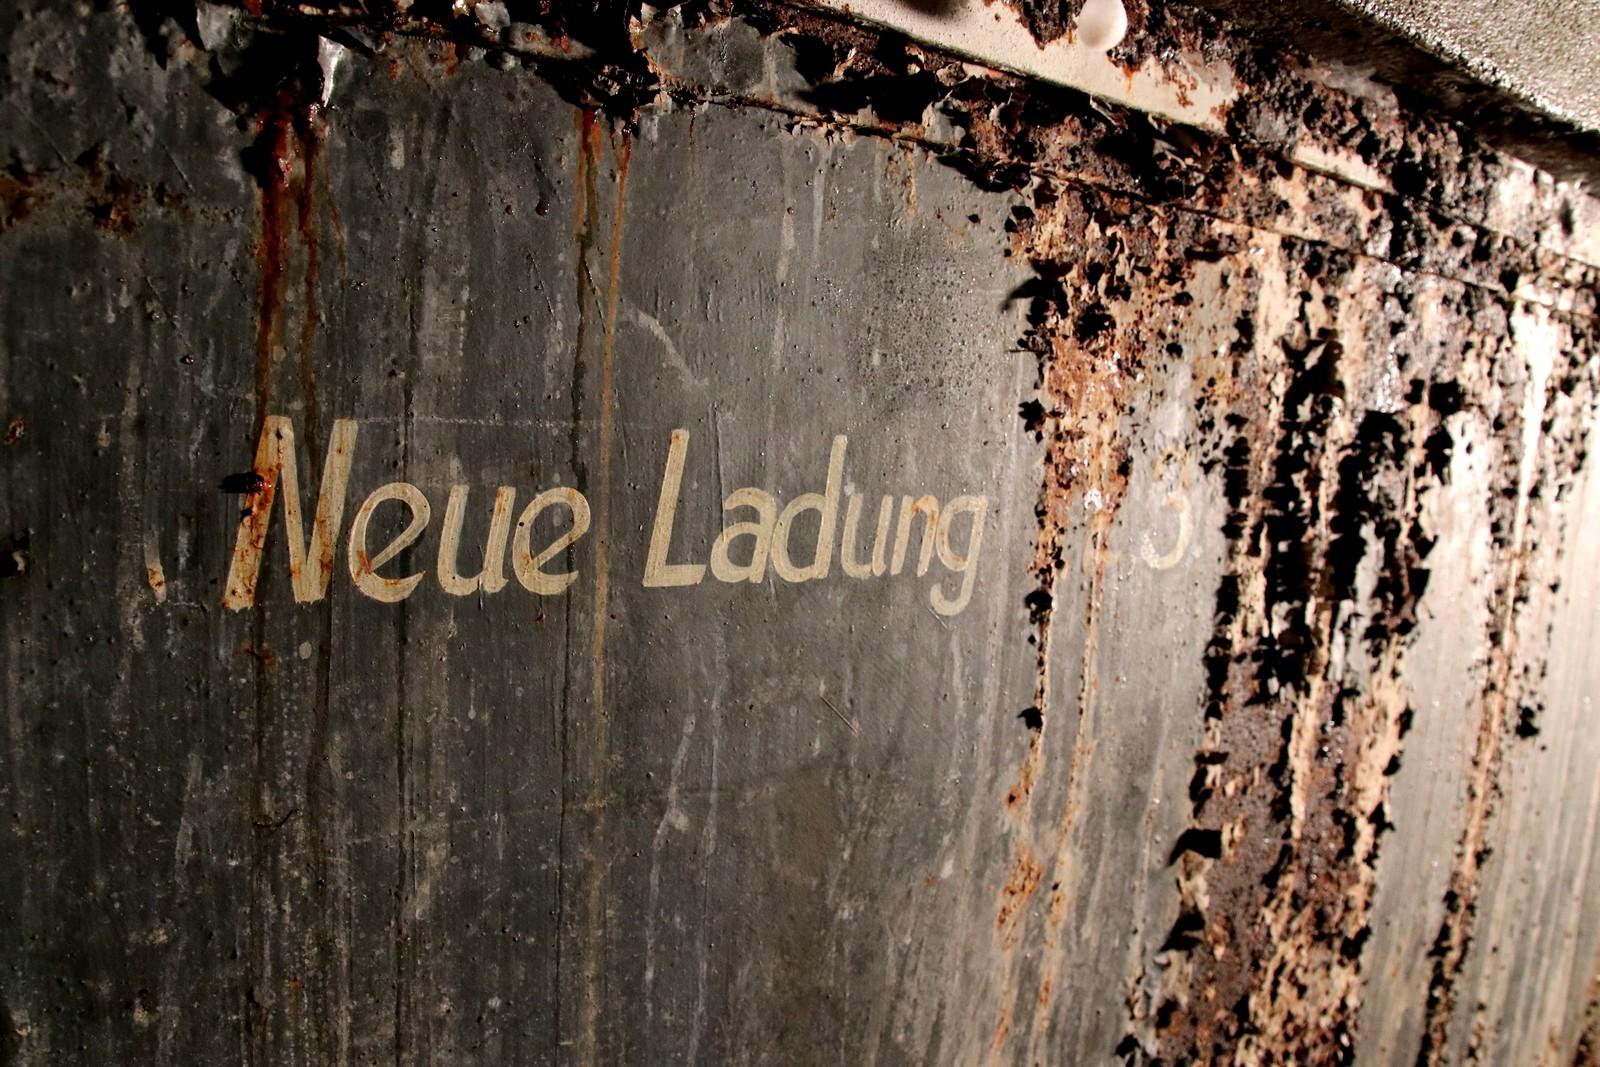 Tyske tekster på veggene.